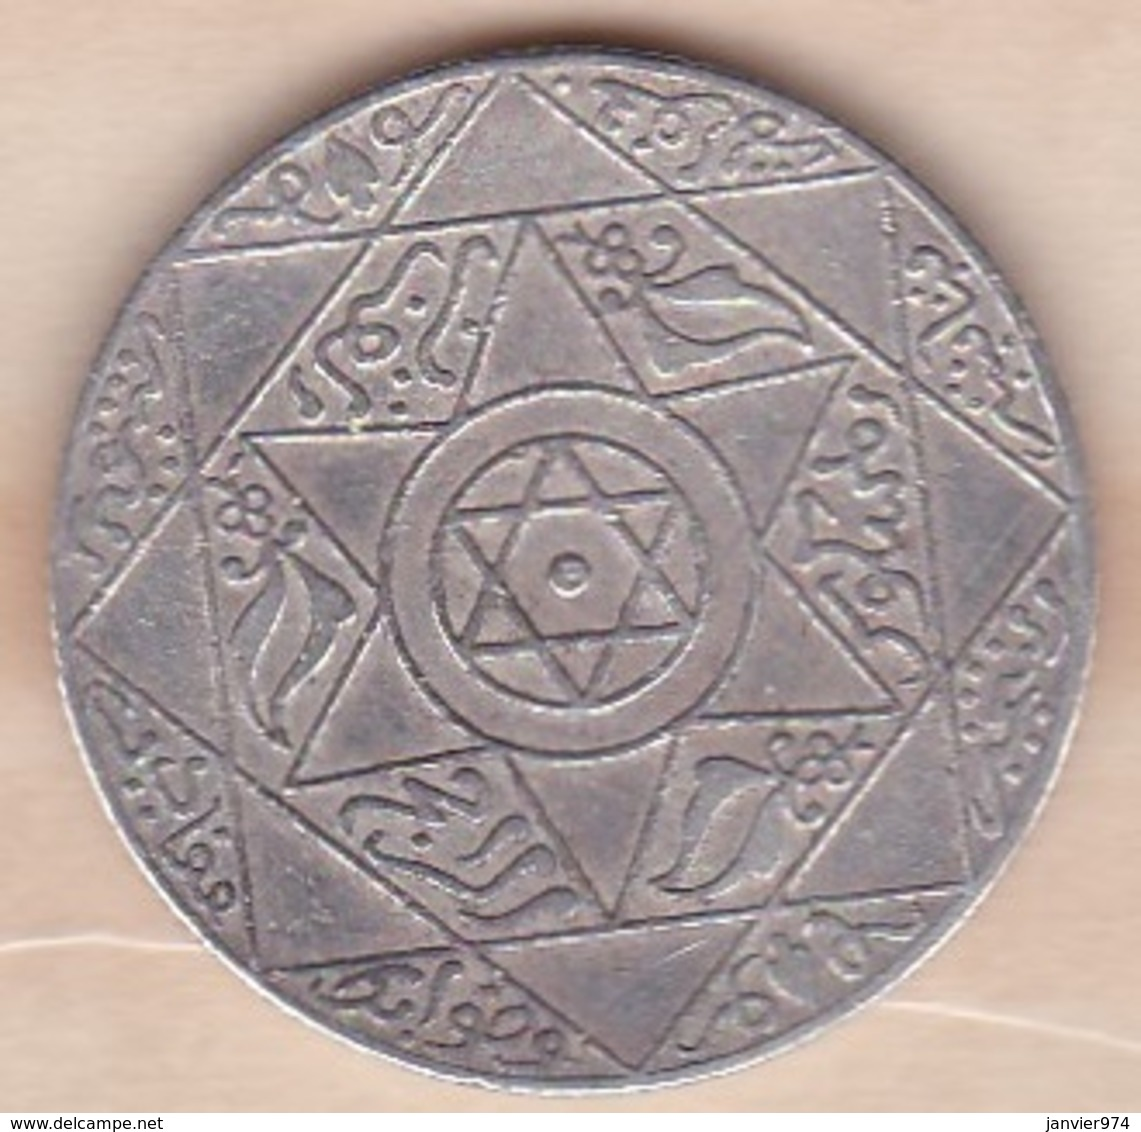 Maroc. 2 1/2 Dirhams (1/4 Rial) AH 1318 Paris. Abdül Aziz I  , En Argent - Maroc